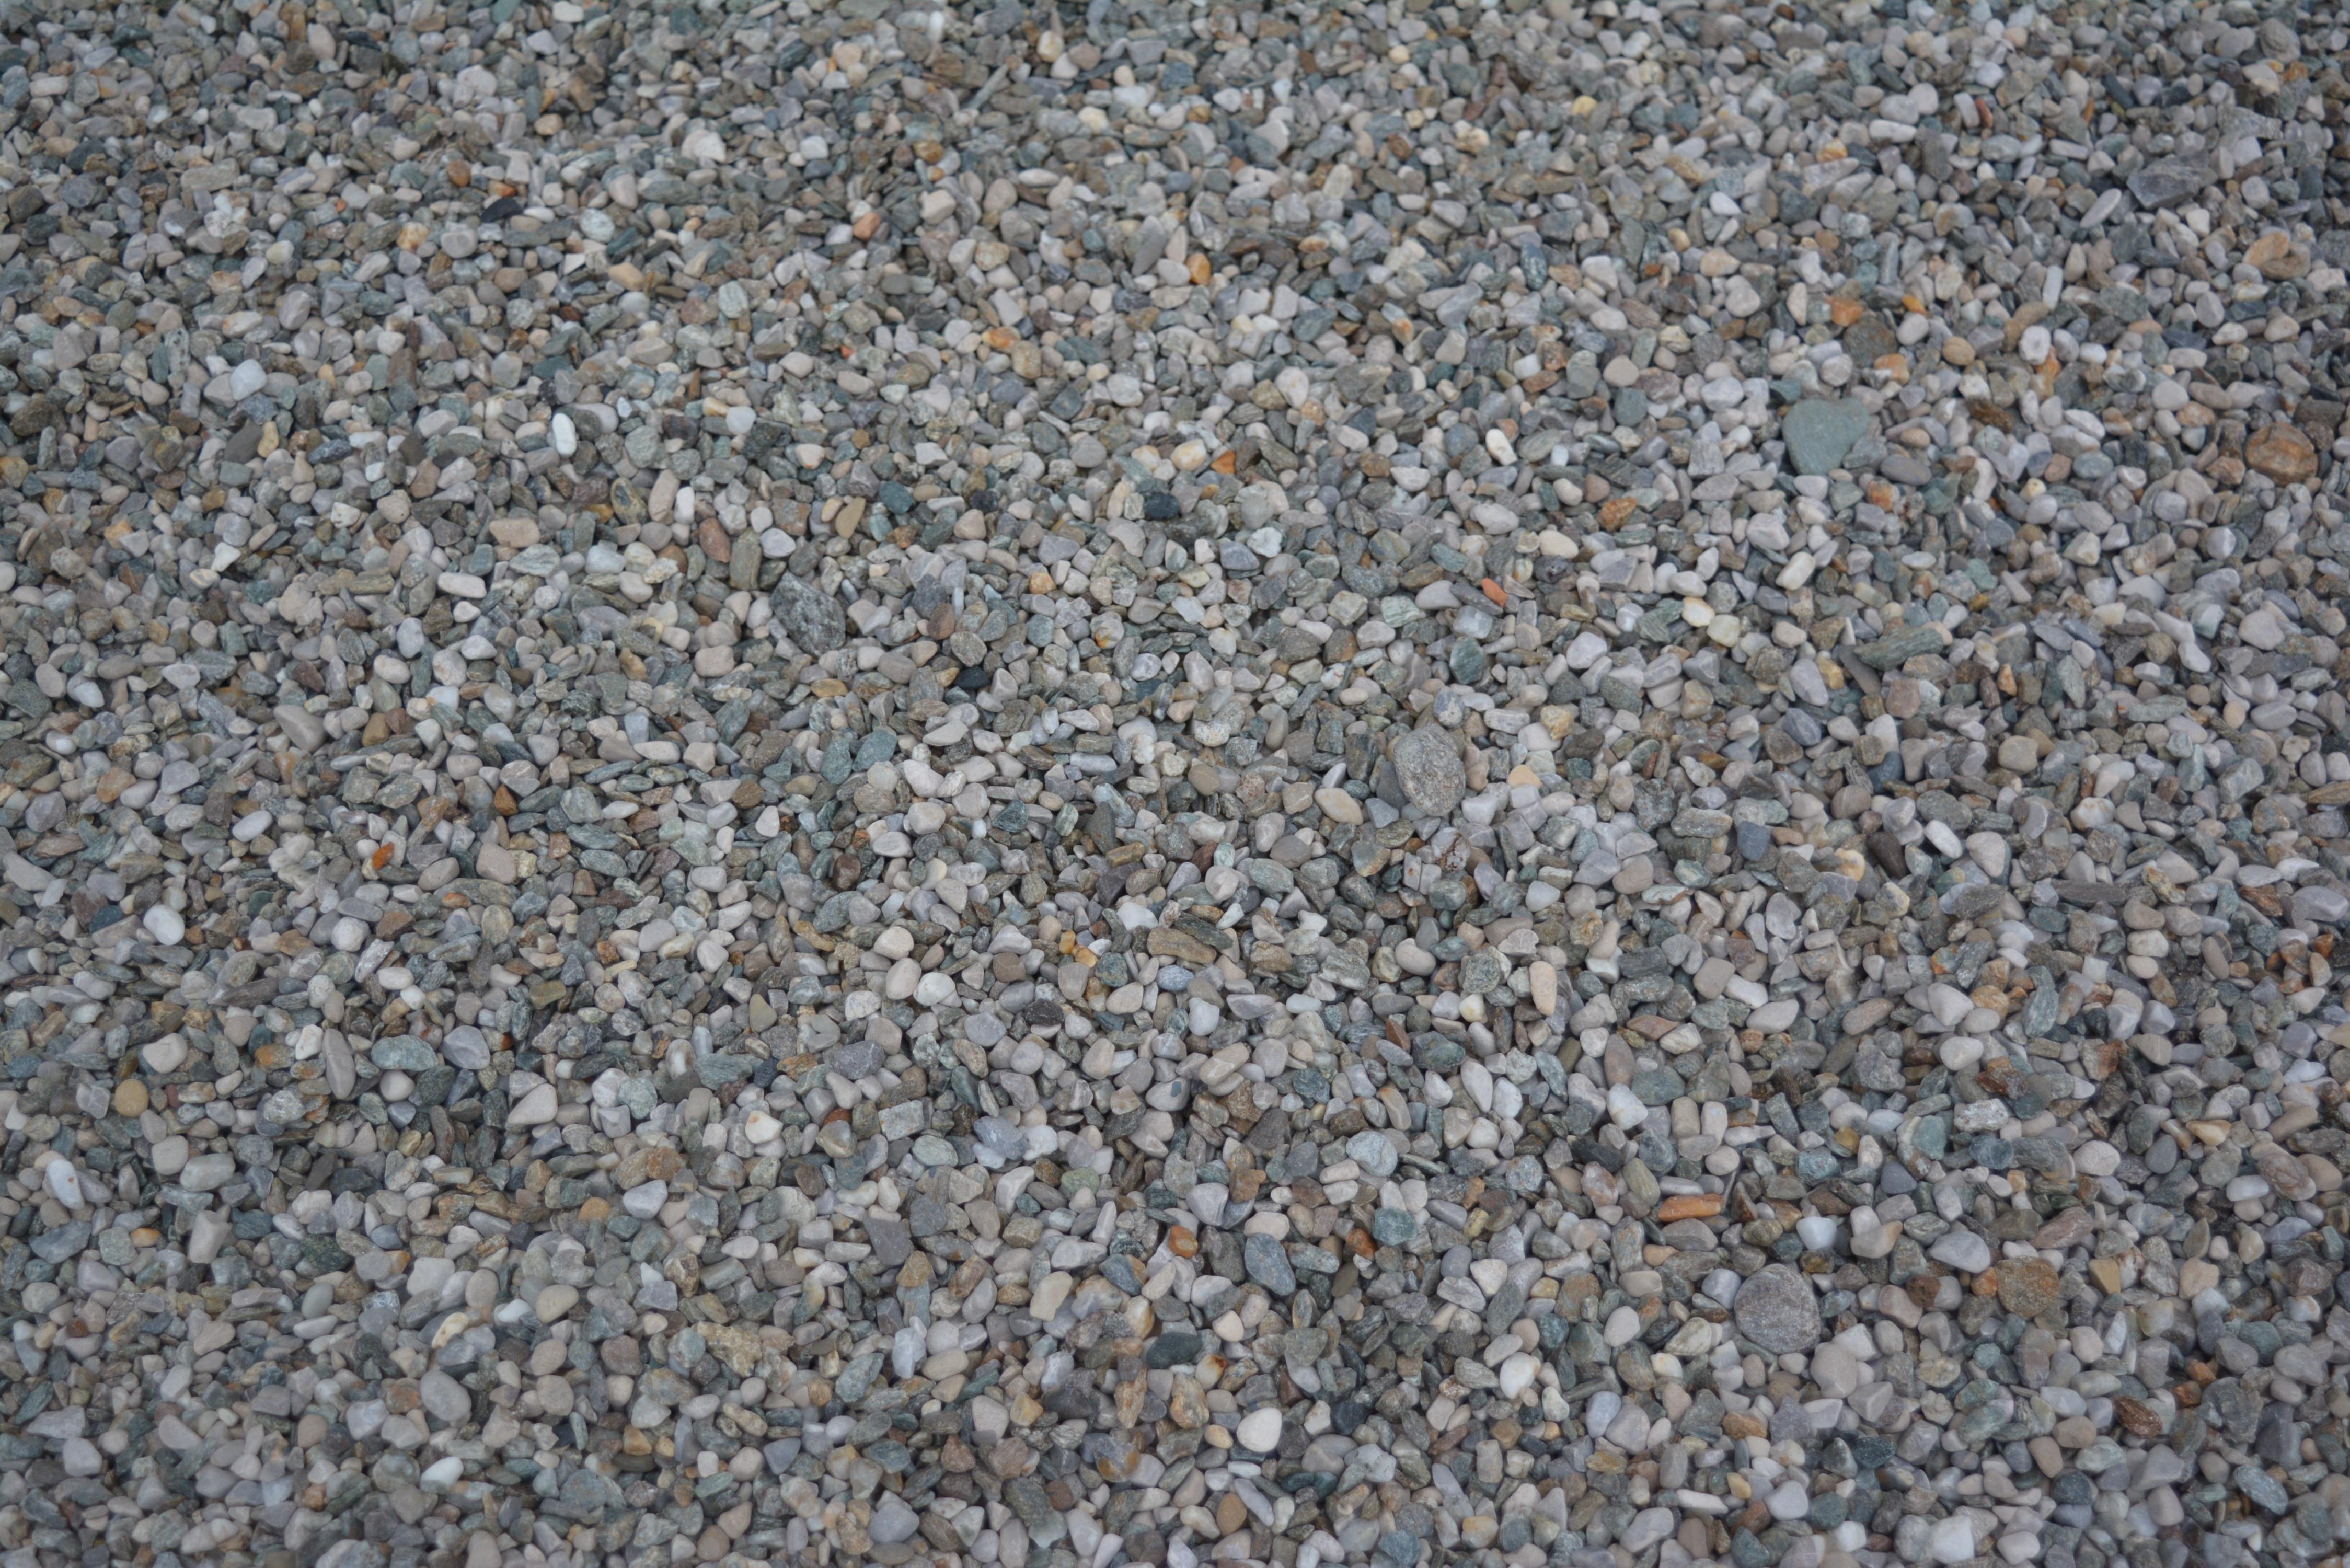 arena rock suelo piso piedra asfalto guijarro suelo material escombros grava guijarros piso piso de piedra